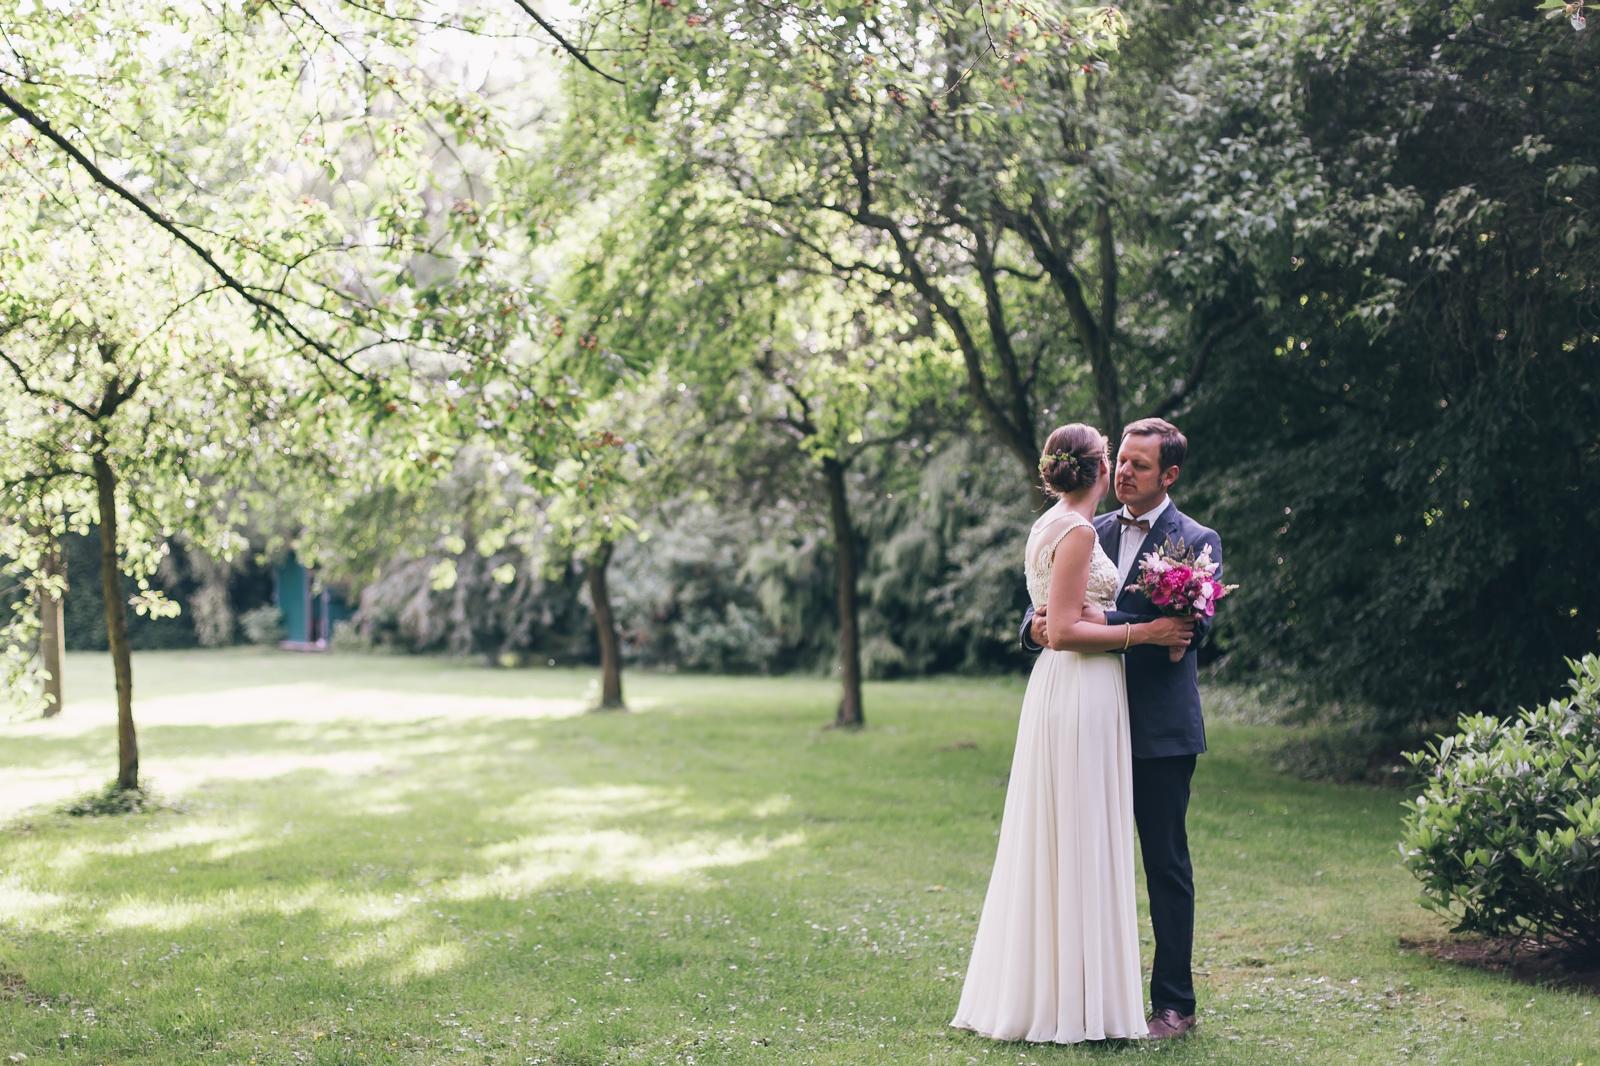 Monstergraphie_Hochzeitsreportage_Bottrop16.jpg?fit=1600%2C1066